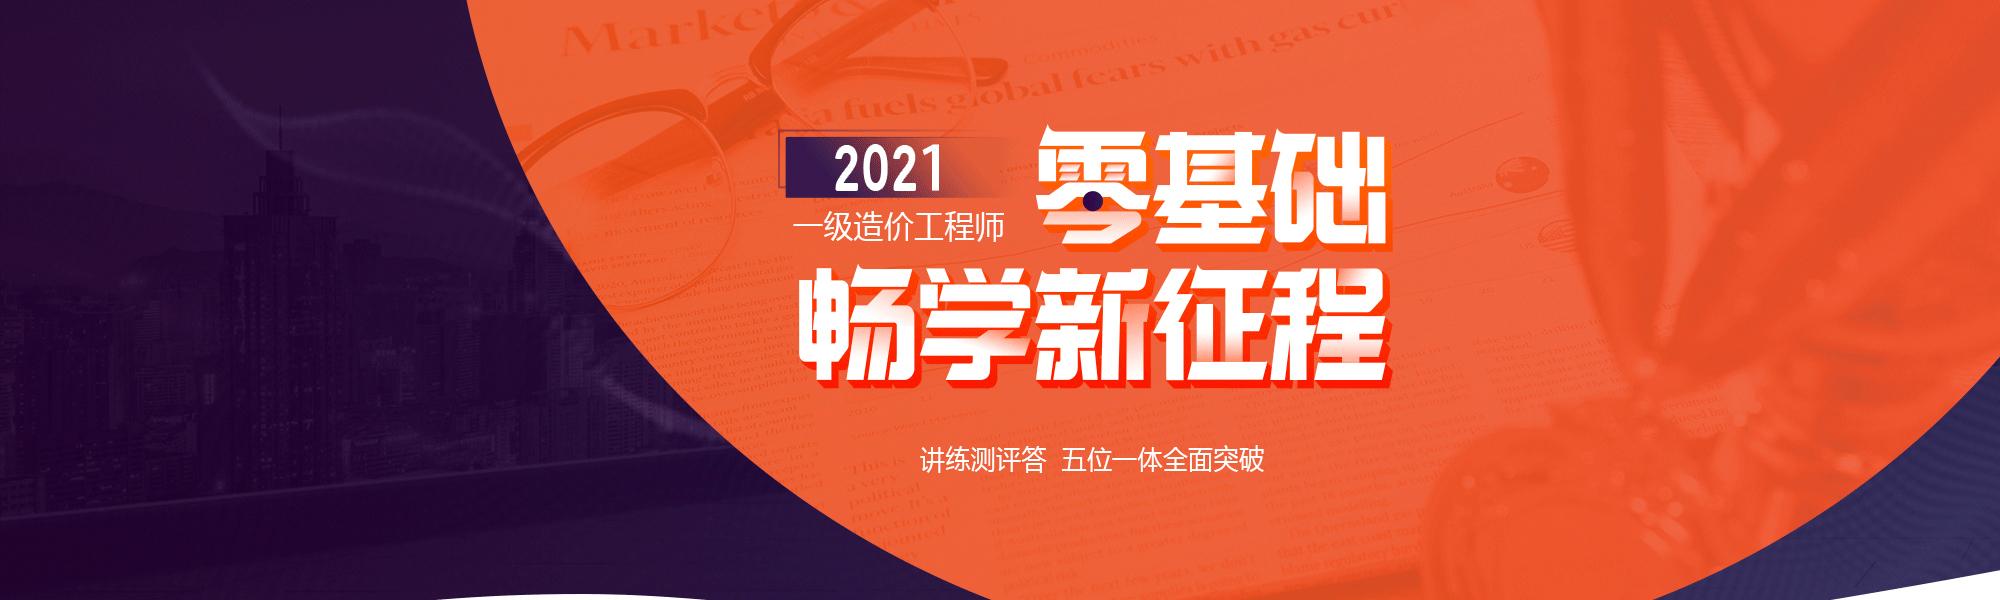 2021年宁夏一级造价工程师备考三个忠告